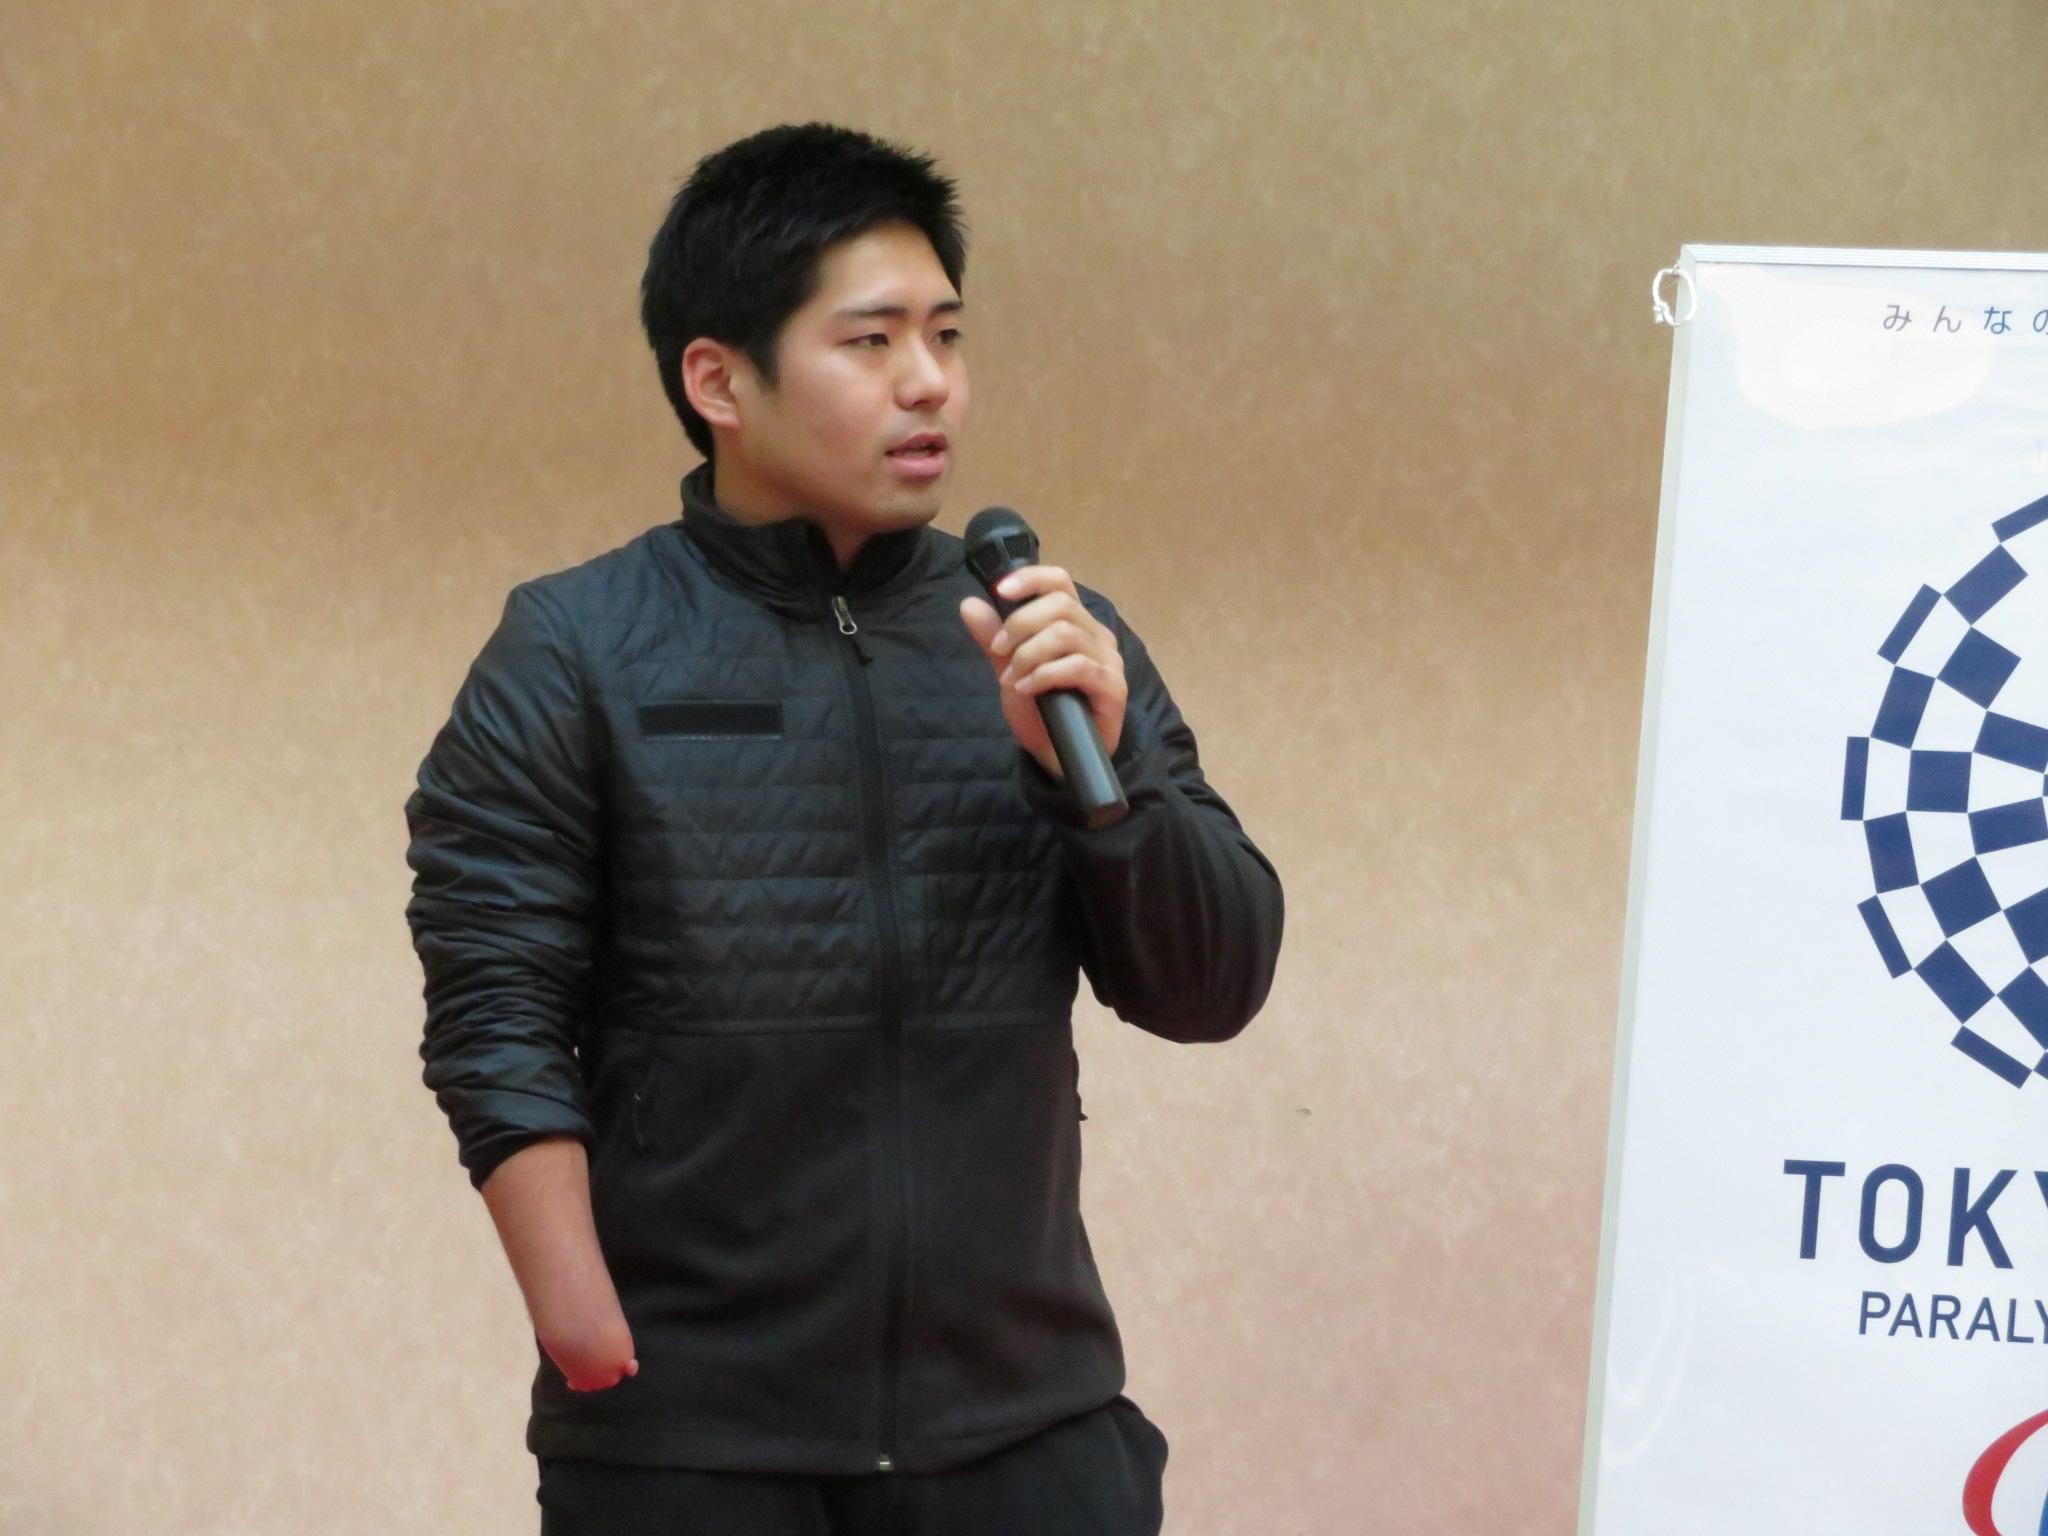 http://news.yoshimoto.co.jp/20180206131505-b3ce01d60dd4111c54c4ddcf697a628171c99448.jpg